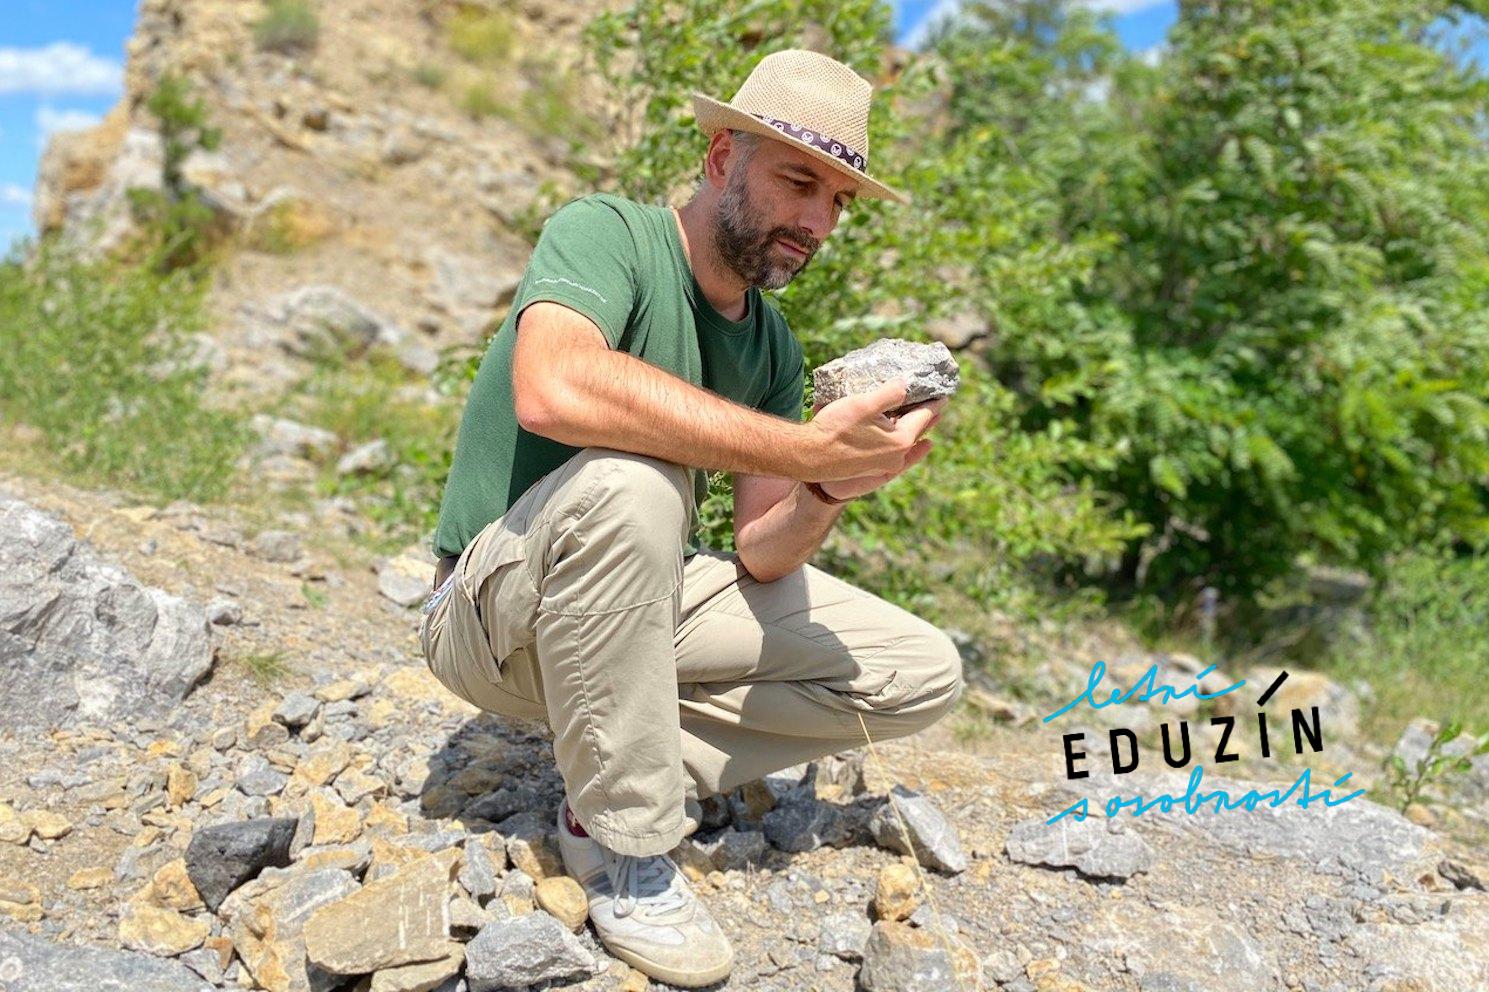 Vezměte si nějaké kvalitní kladívko od dědy z dílny, pár novin na zabalení zkamenělin, pevné boty a hurá na cestu do pravěku!